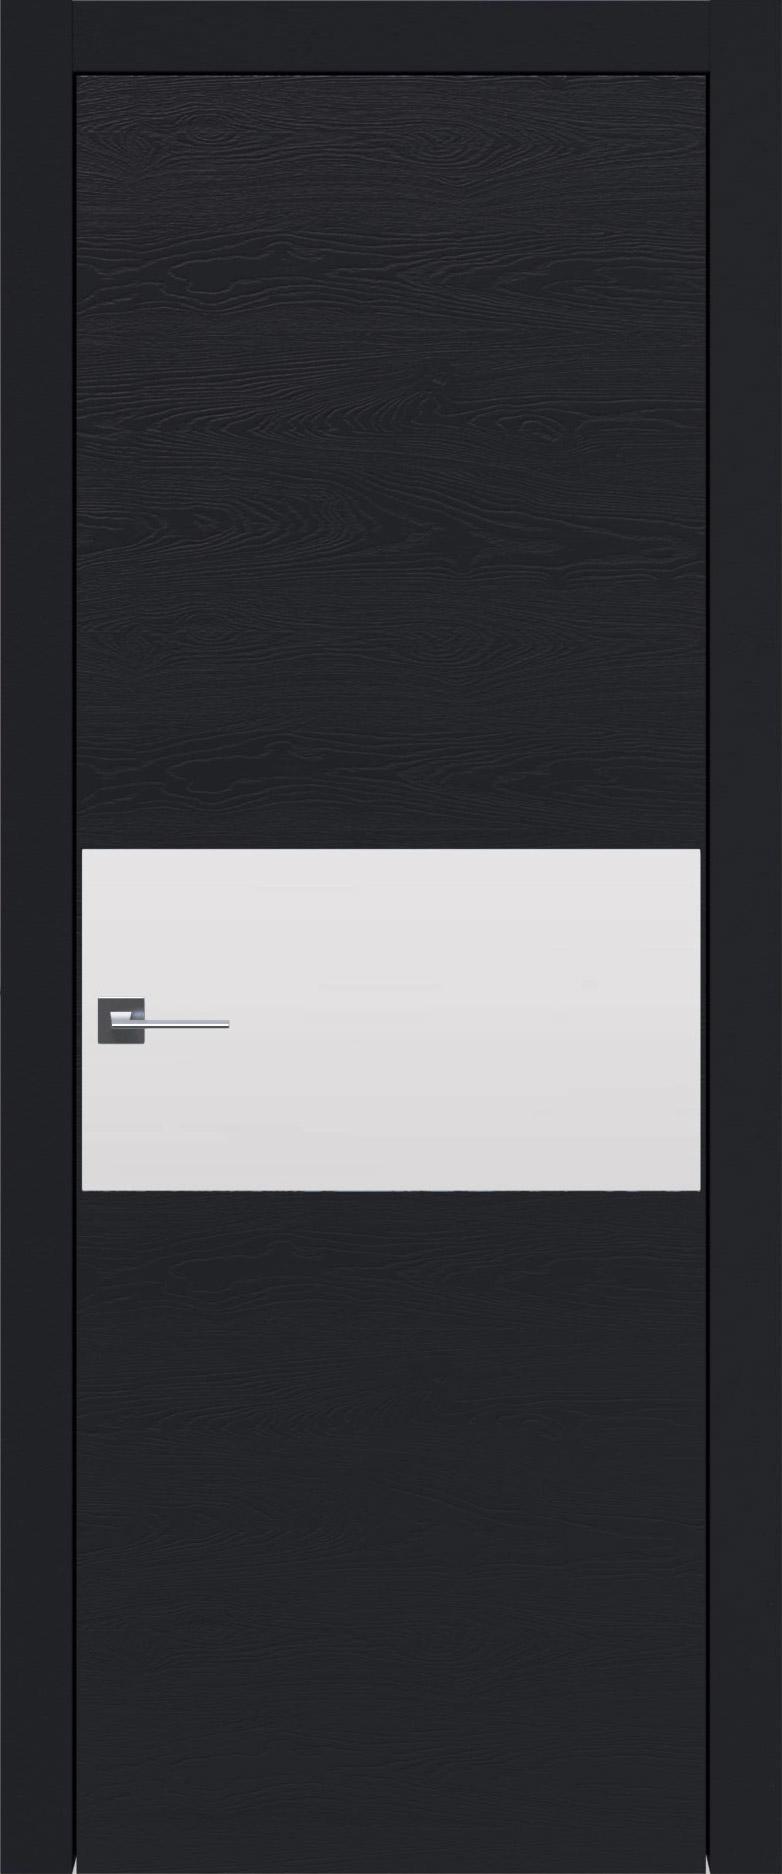 Tivoli Е-4 цвет - Черная эмаль по шпону (RAL 9004) Без стекла (ДГ)